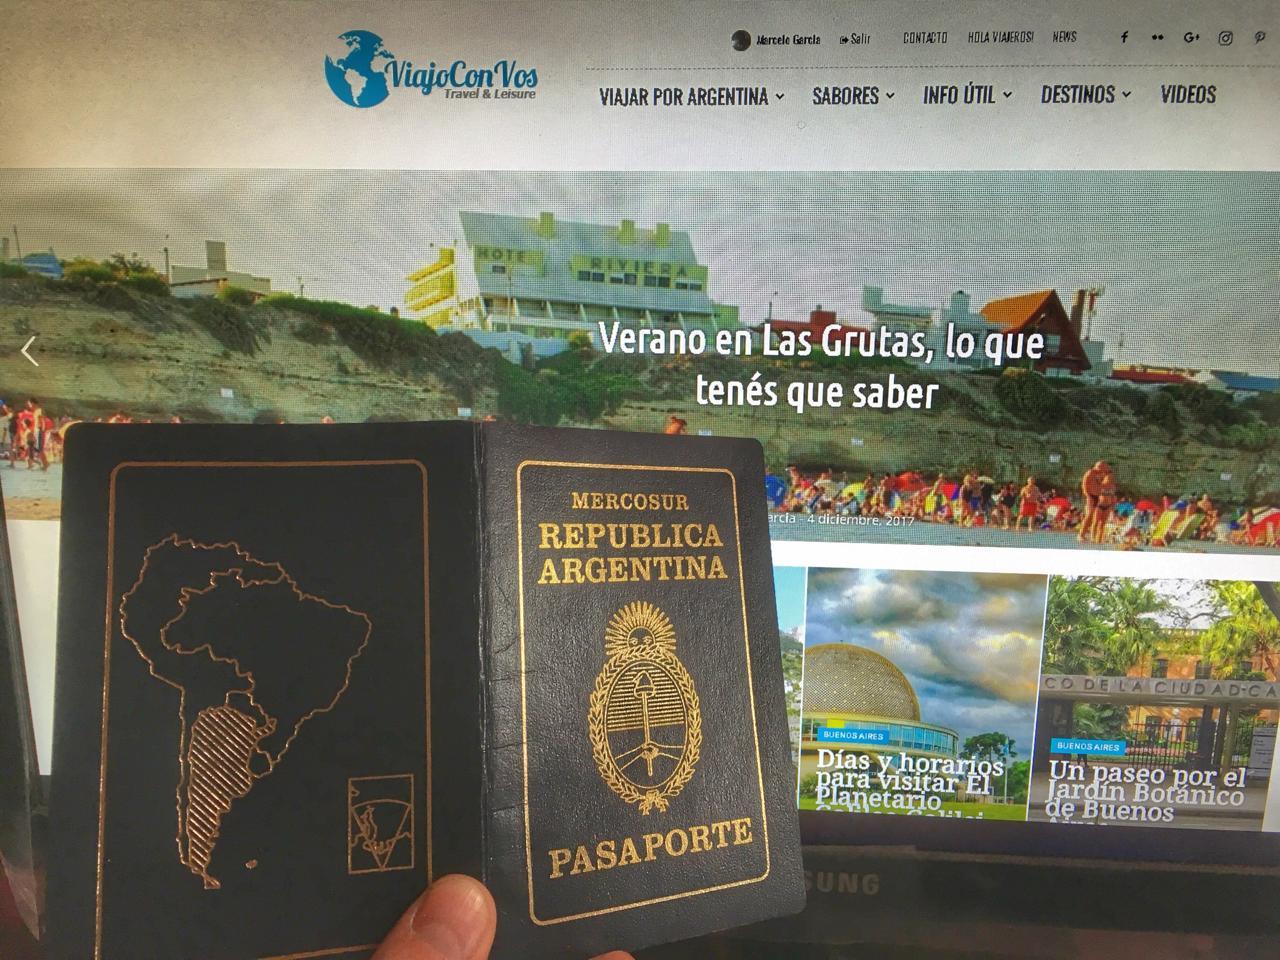 Cómo tramitar el pasaporte y cuánto cuesta? - Viajo Con Vos